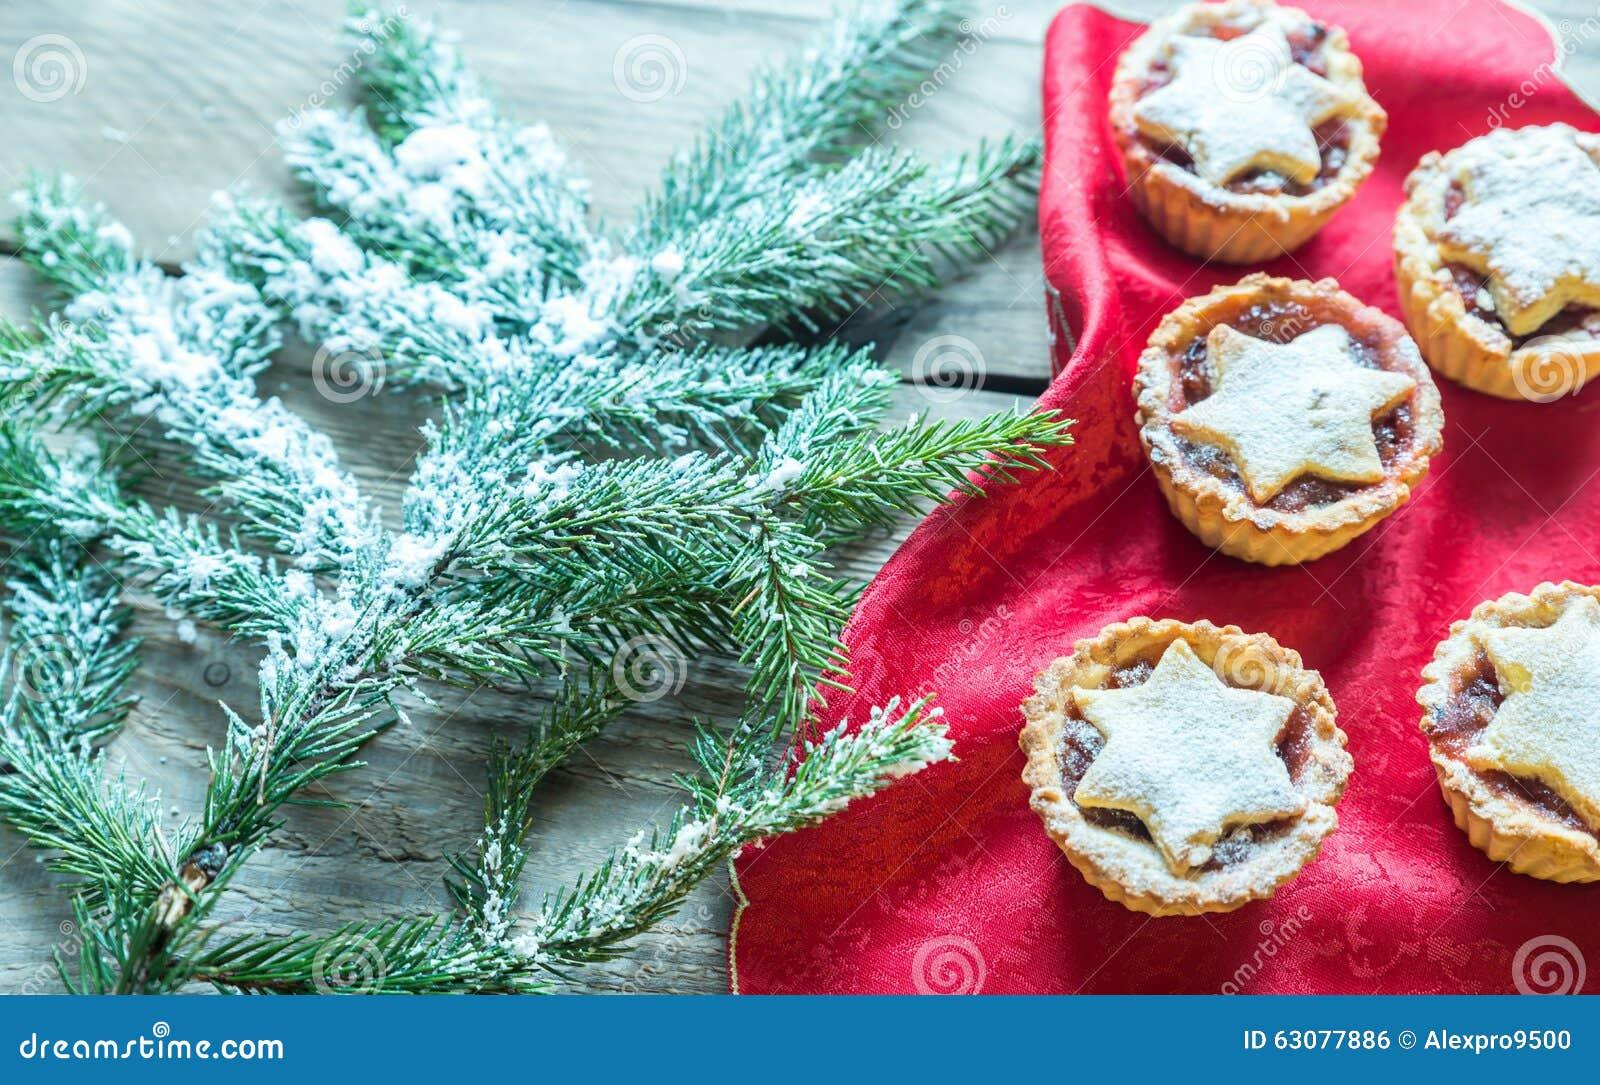 Download Minces Pies Avec La Branche D'arbre De Noël Photo stock - Image du noël, fruit: 63077886